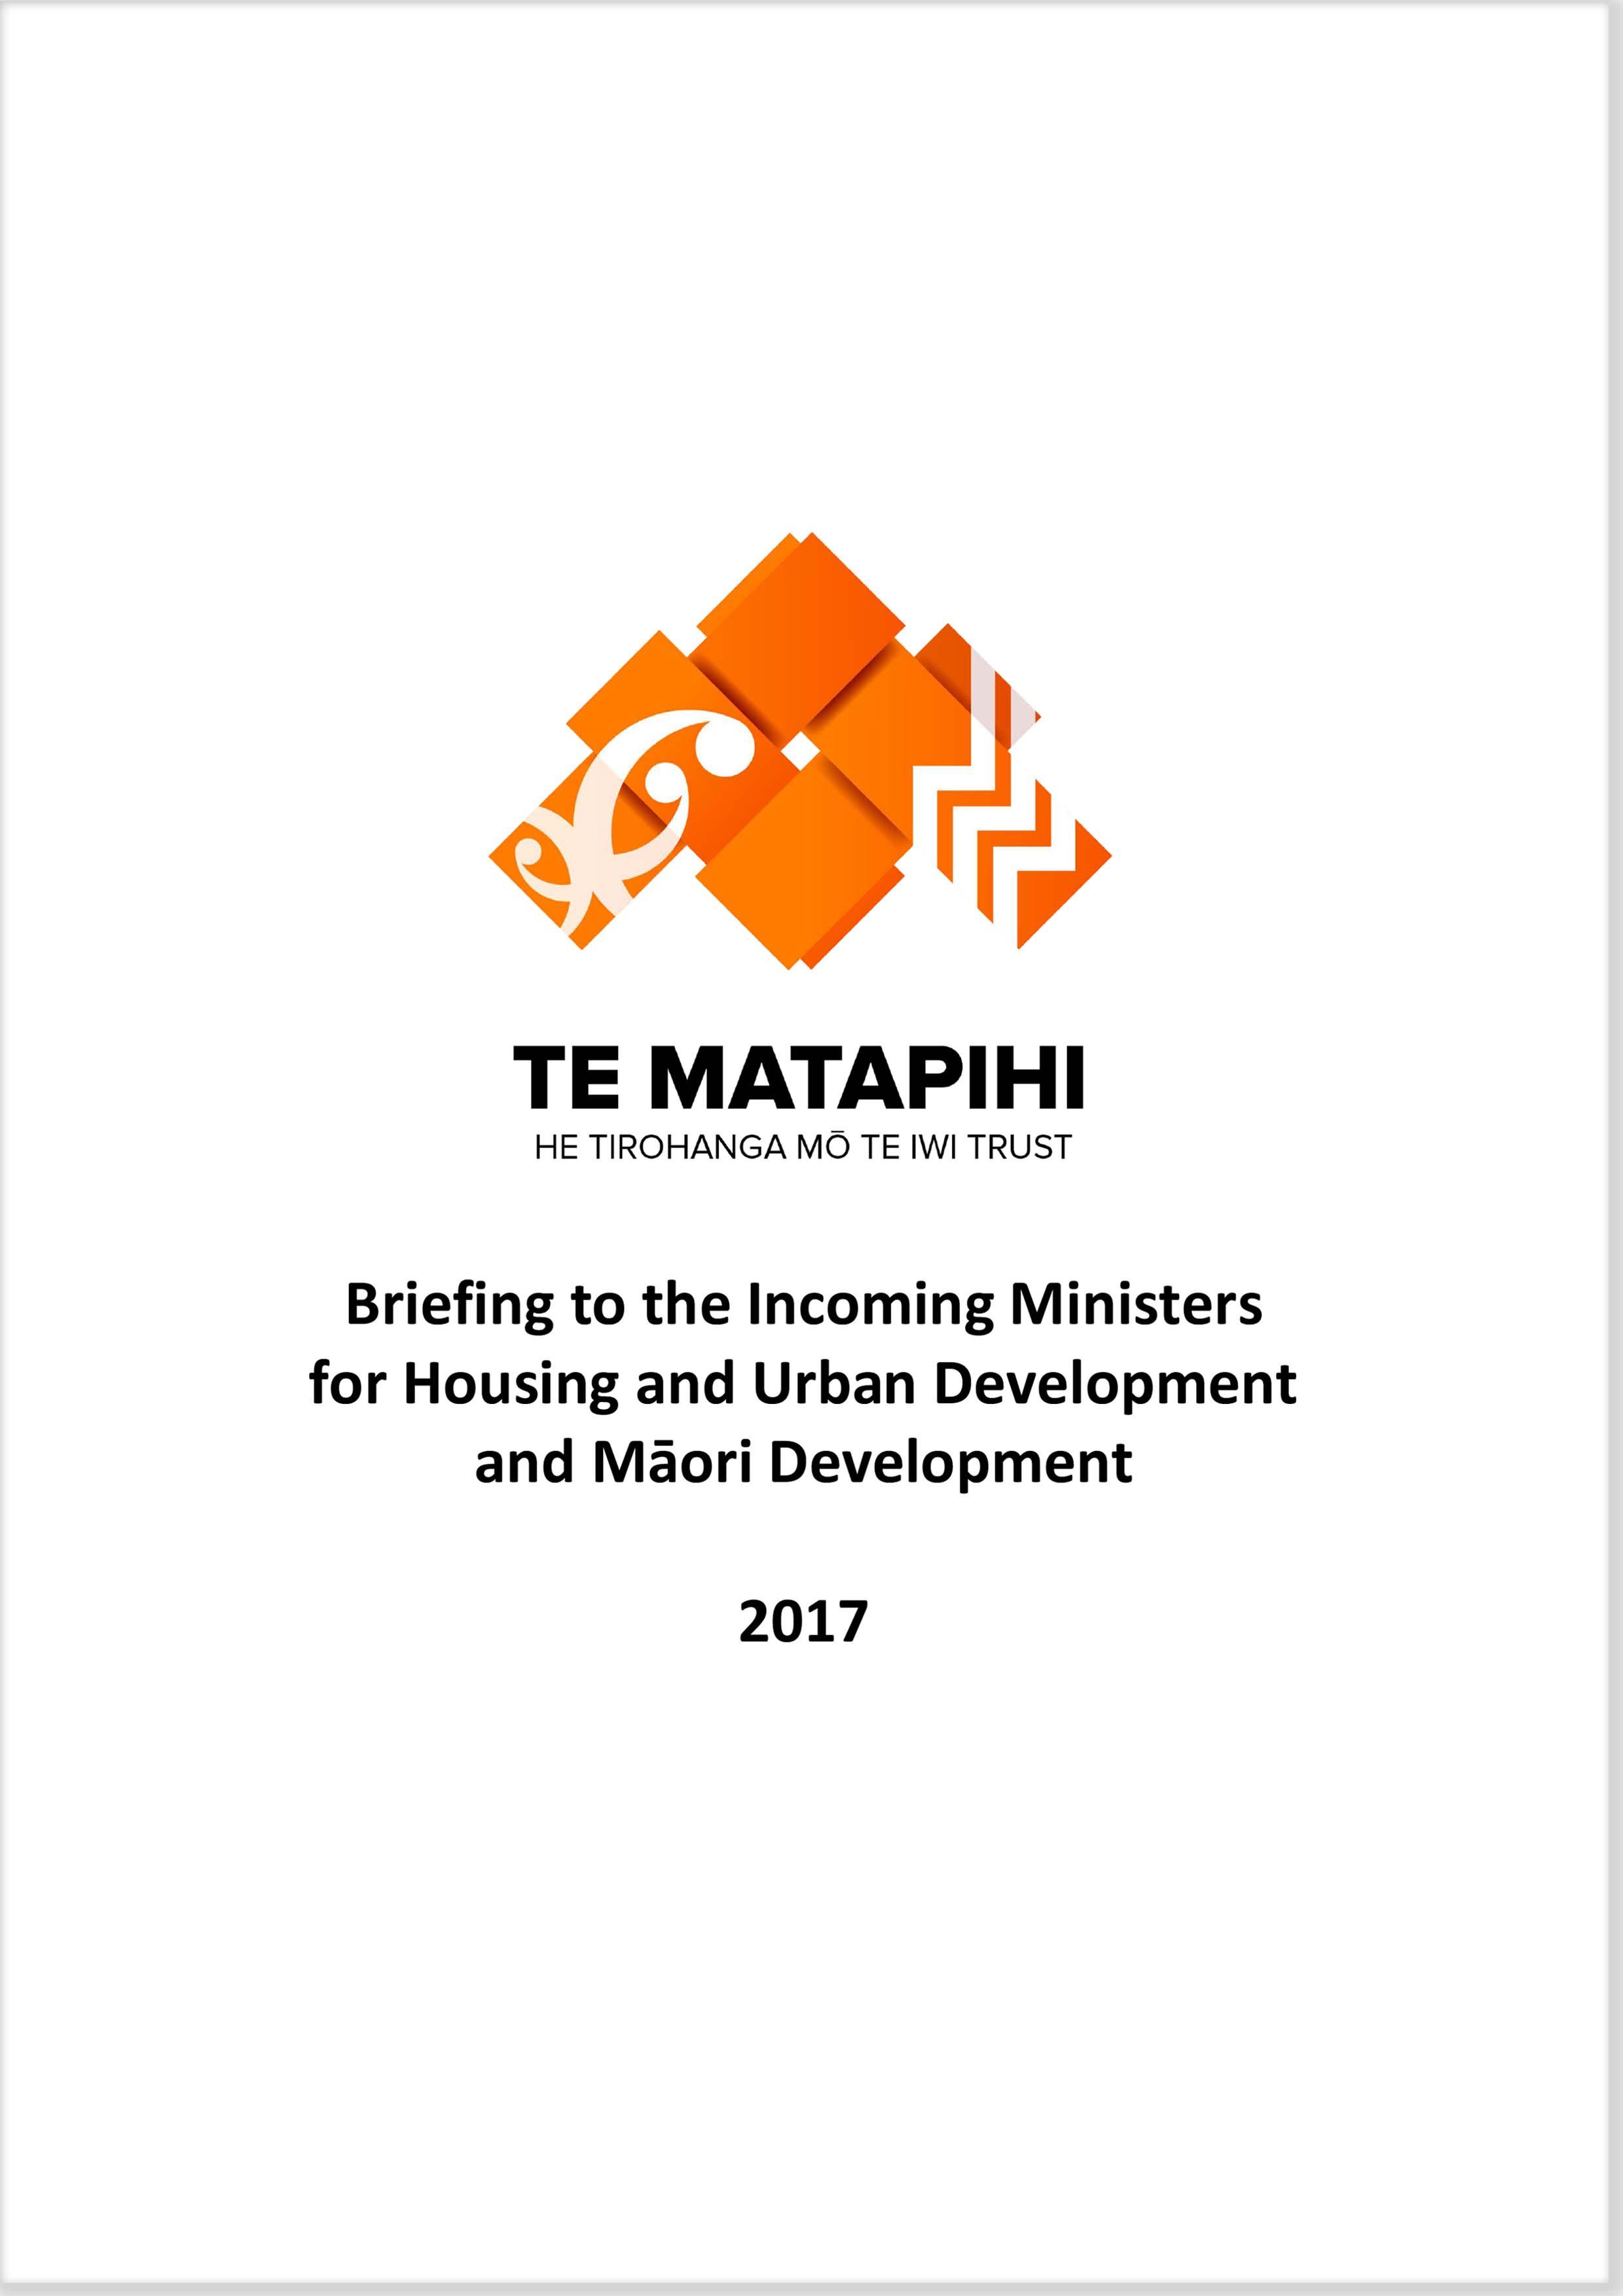 BIM Maori Housing Te Matapihi FINAL NOV 2017-1.jpg